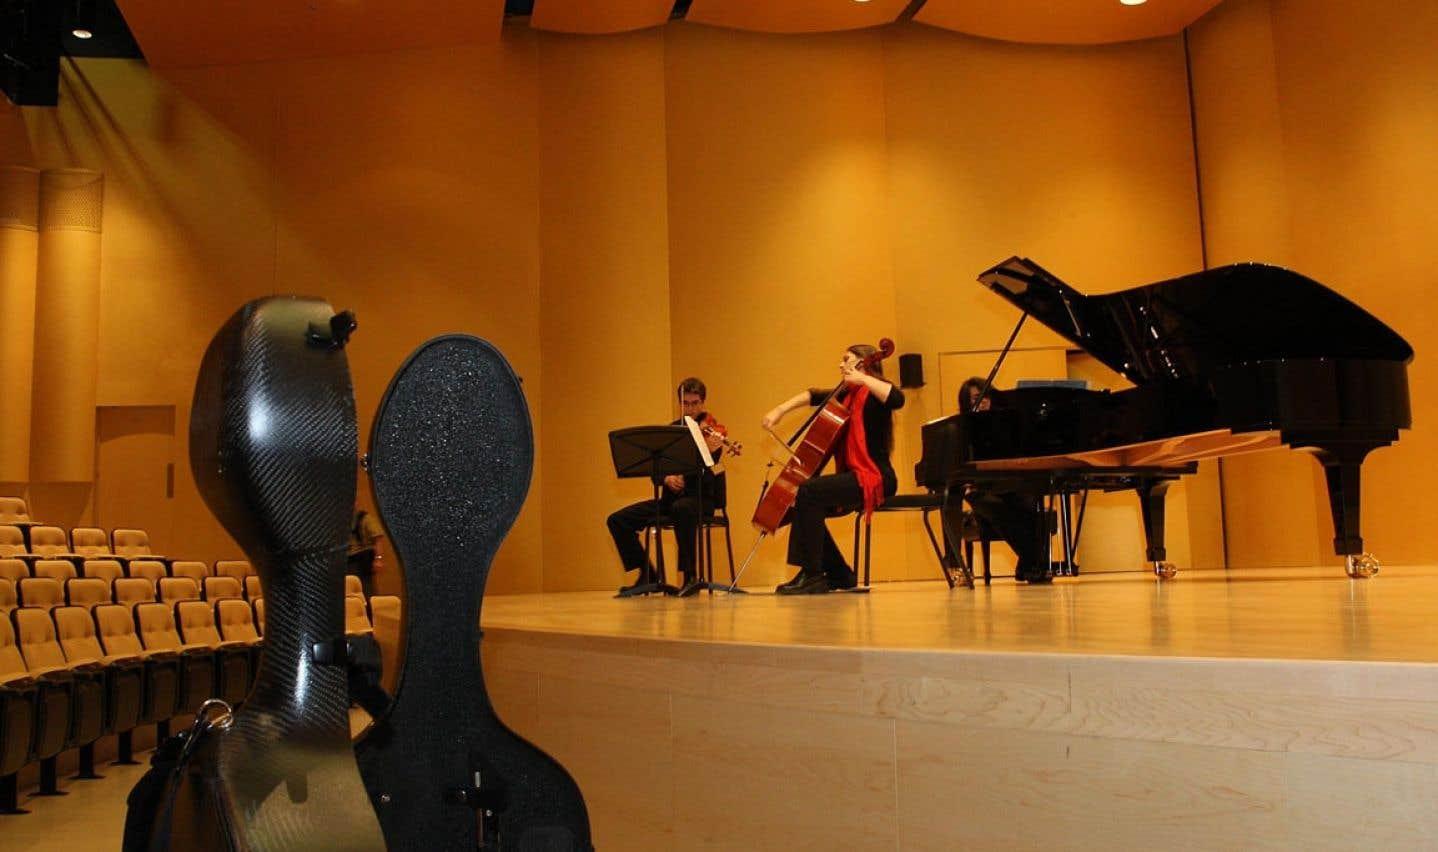 Les heureux élus qui accèdent aux conservatoires de musique du Québec (comme celui de Montréal sur notre photo) y trouvent une formation rigoureuse, personnalisée, soucieuse du rythme d'apprentissage de chacun.